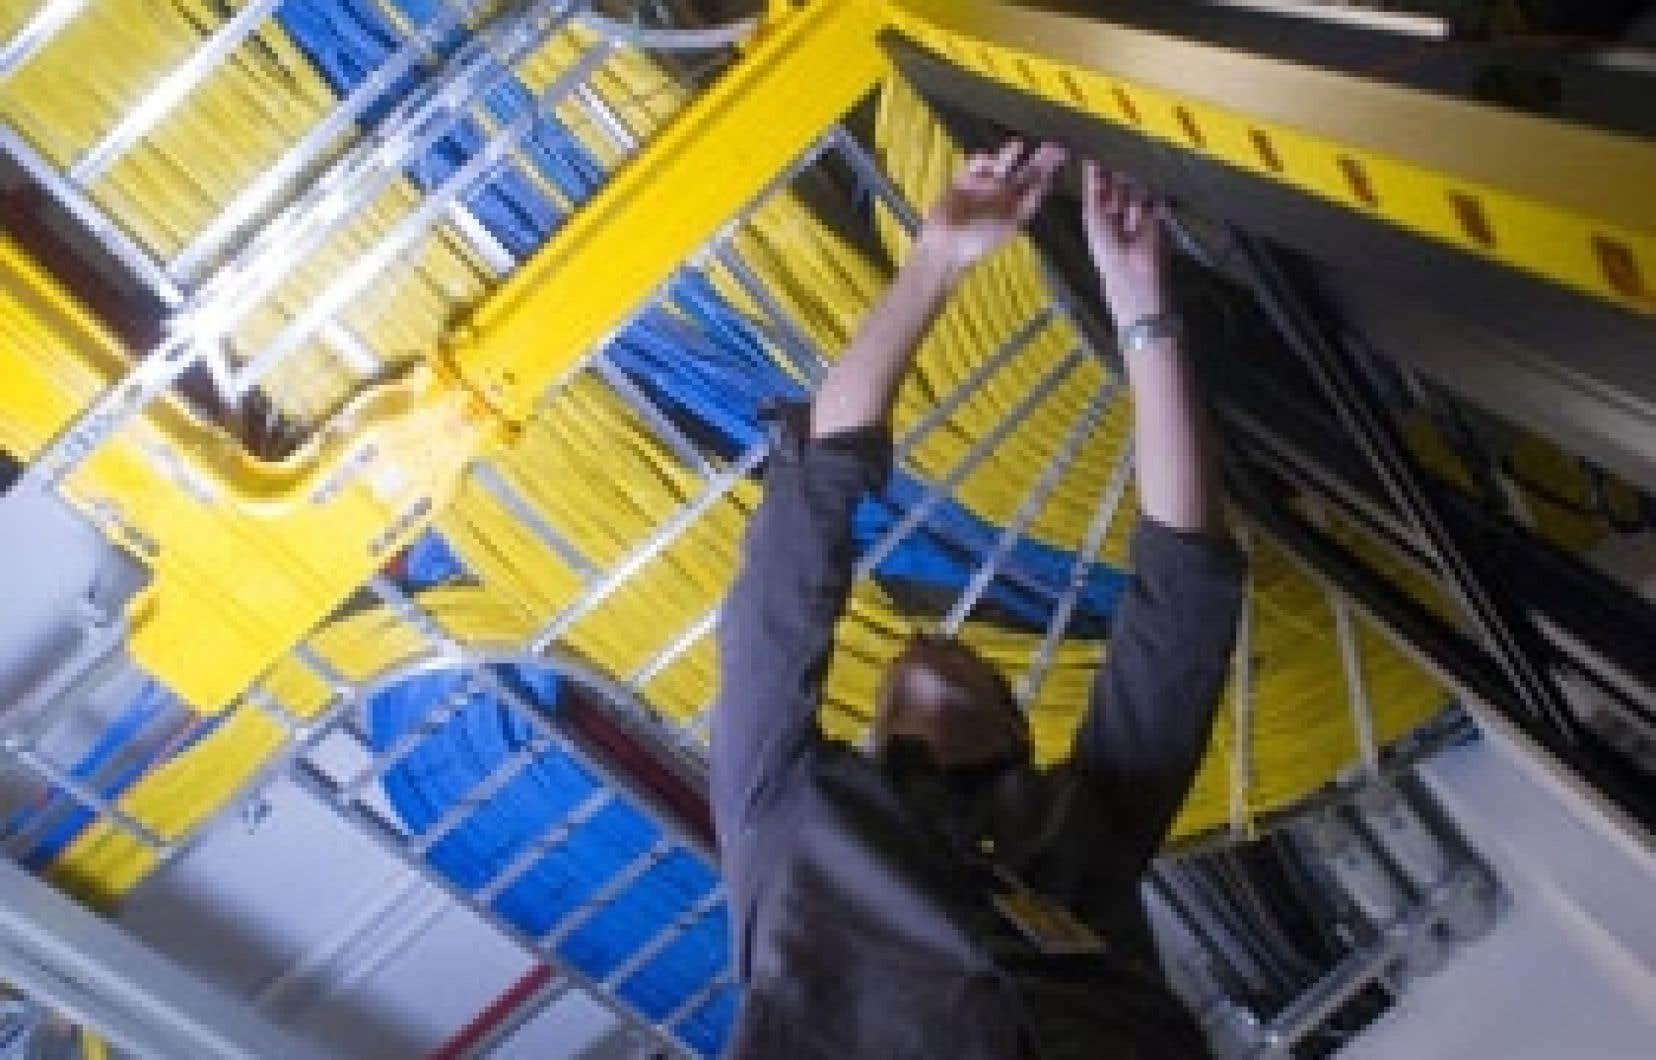 Le câblodistributeur Vidéotron a ajouté 54 100 abonnés à son service de téléphonie par câble, 32 400 abonnés à l'accès Internet par câble et 4800 lignes à son service de téléphonie sans fil.